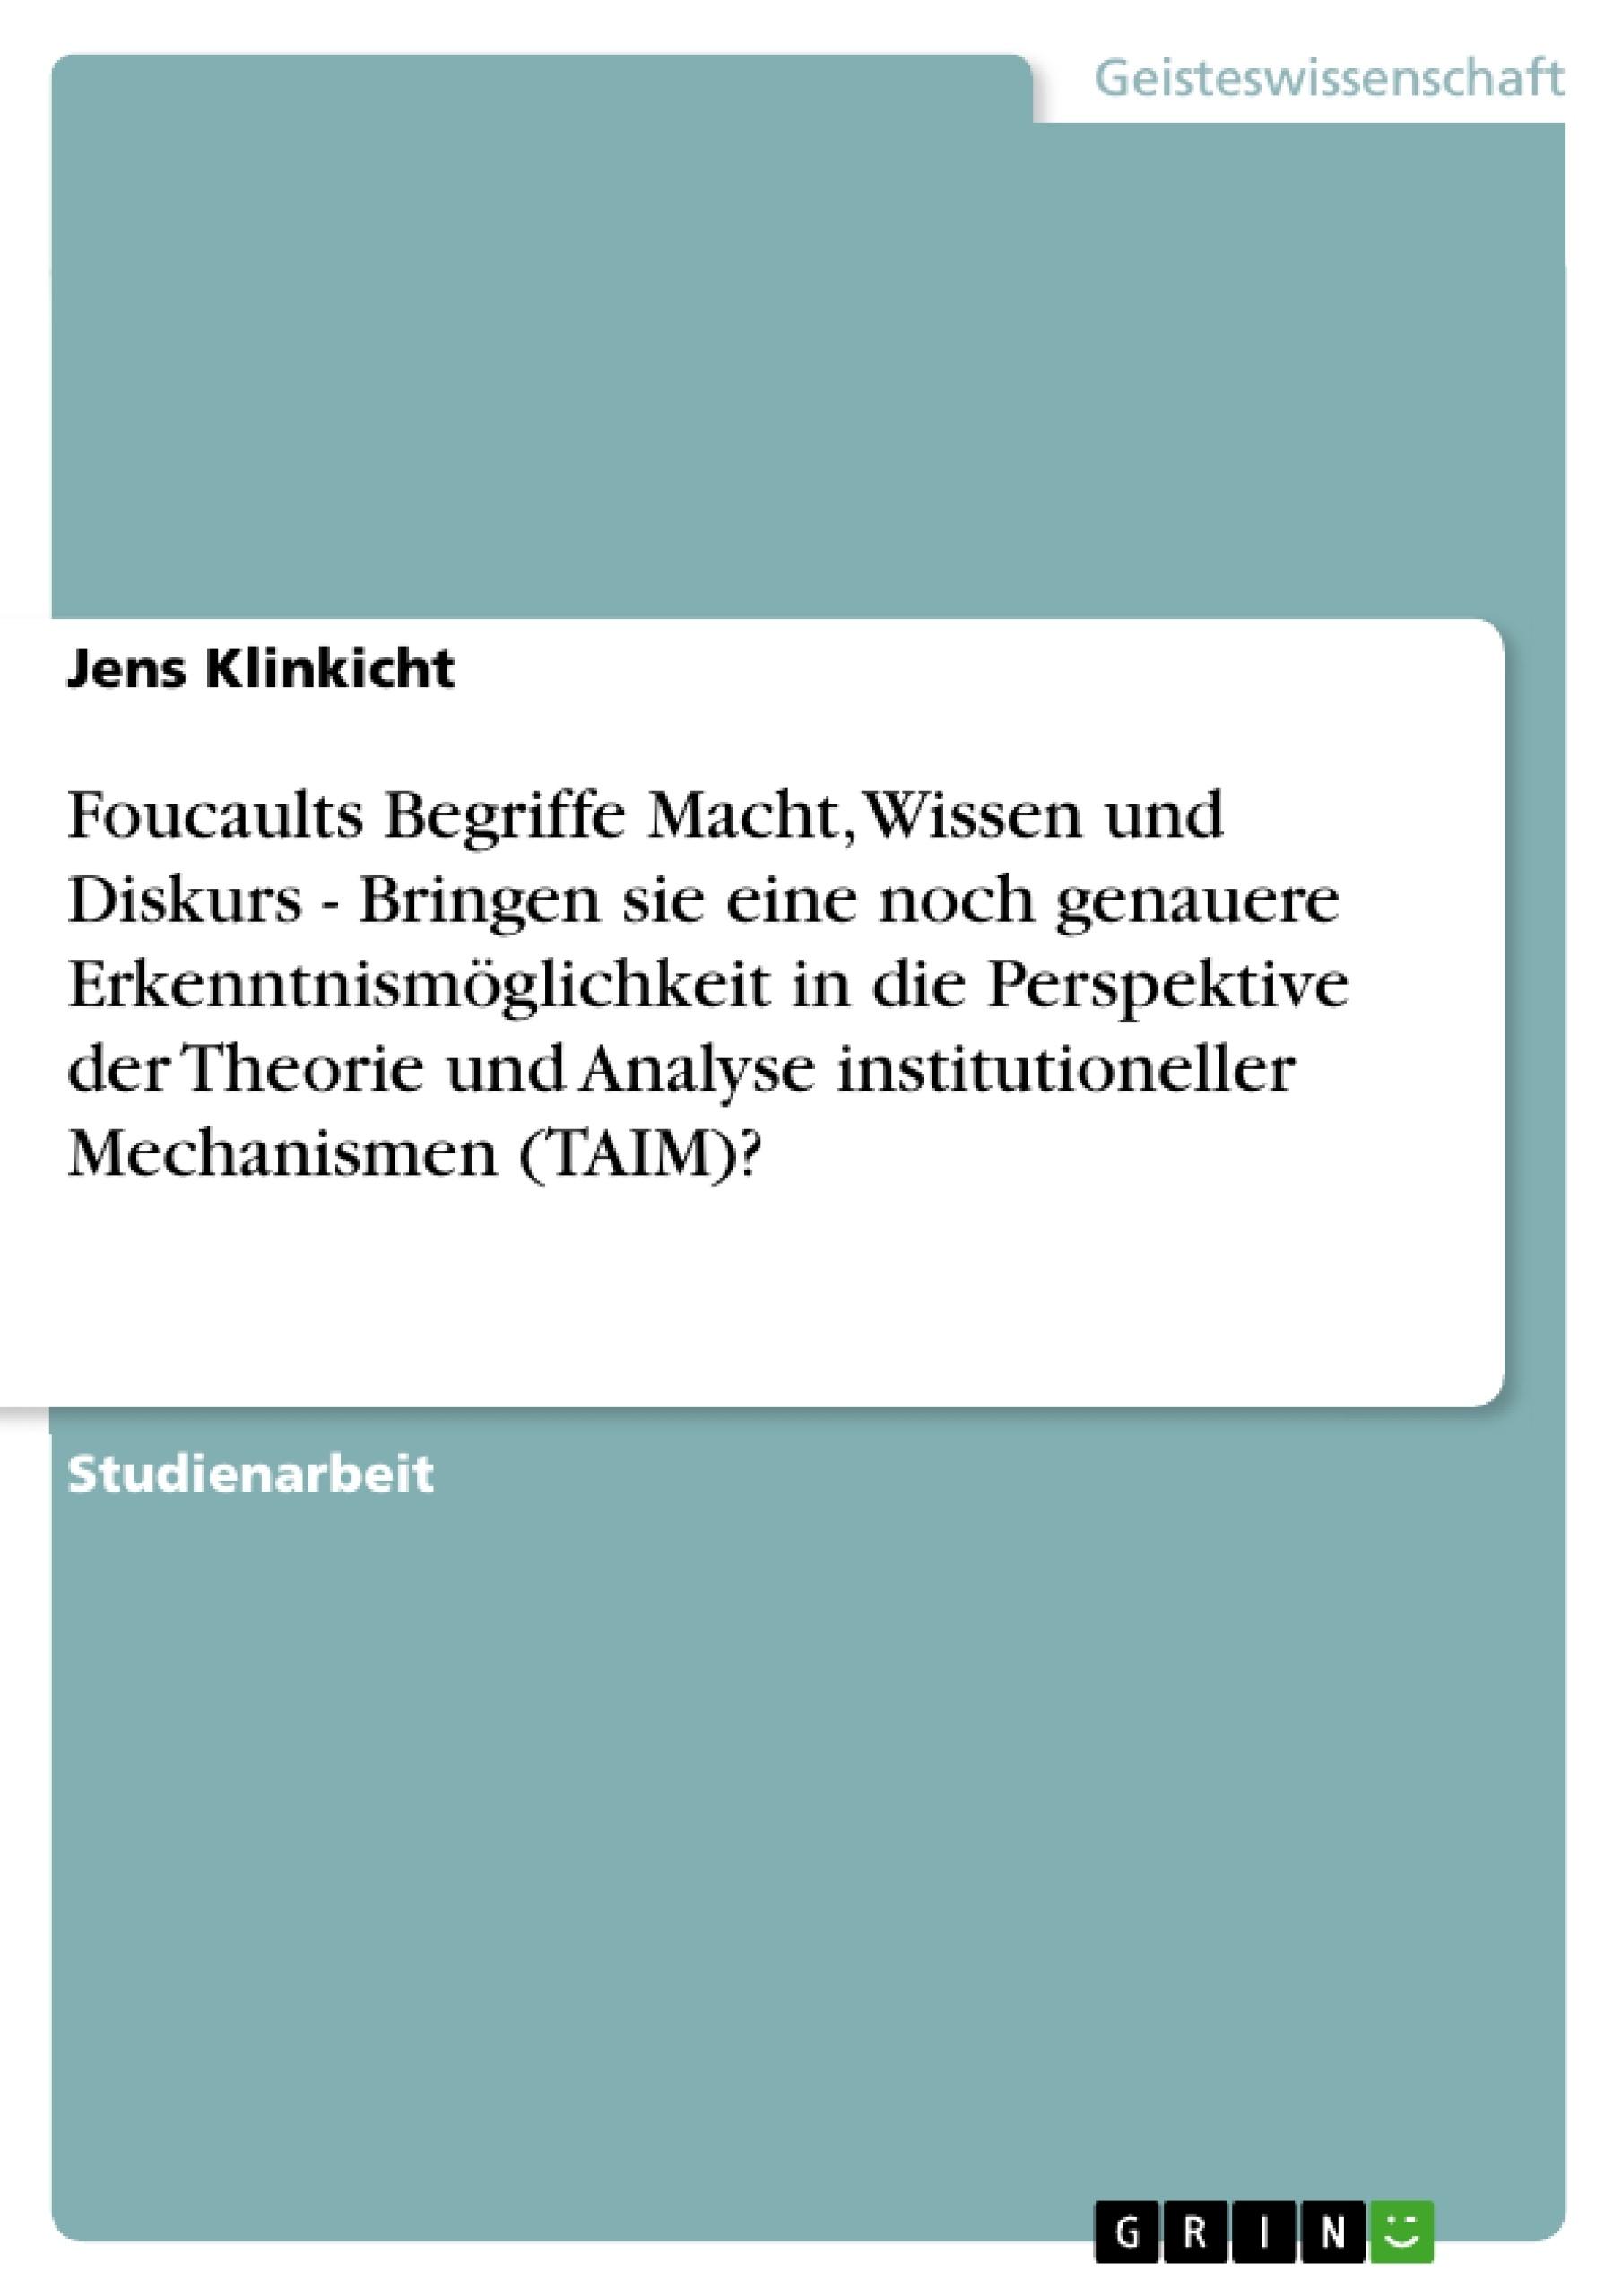 Titel: Foucaults Begriffe Macht, Wissen und Diskurs - Bringen sie eine noch genauere Erkenntnismöglichkeit in die Perspektive der Theorie und Analyse institutioneller Mechanismen (TAIM)?